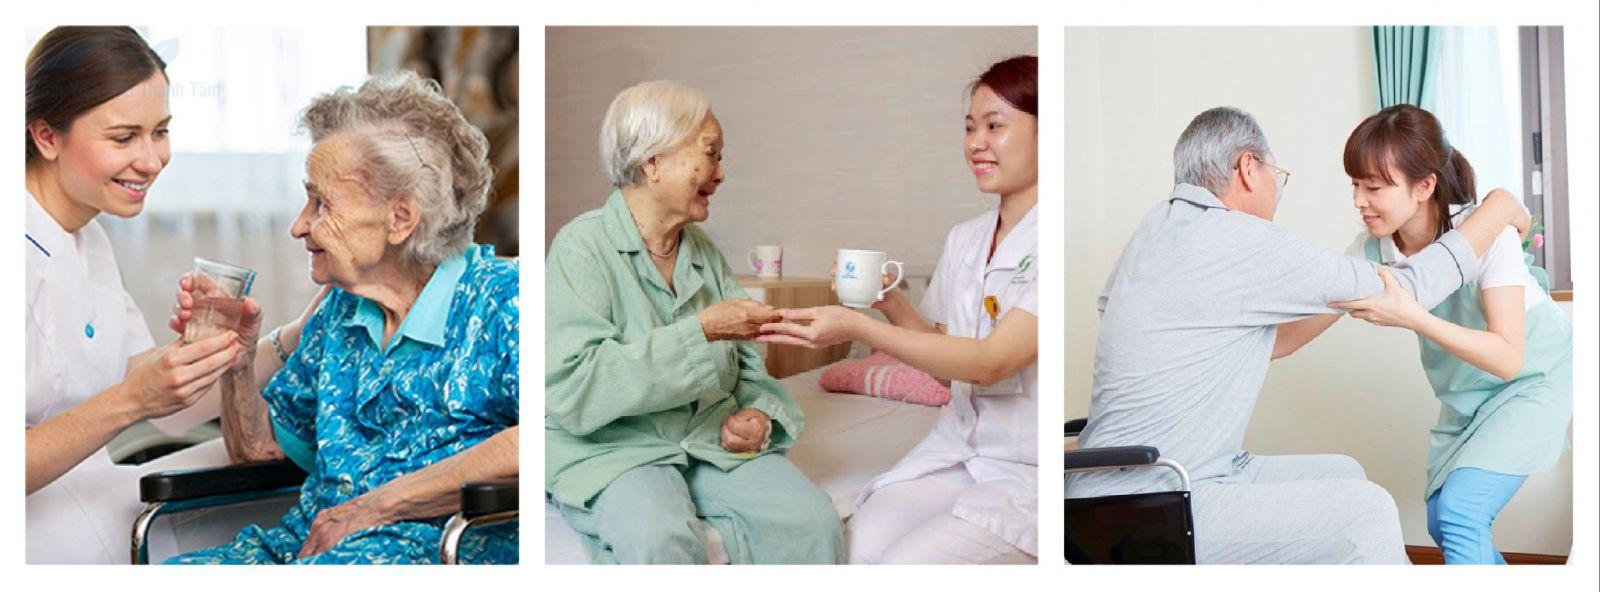 Giúp việc chăm sóc người già tại quận 11